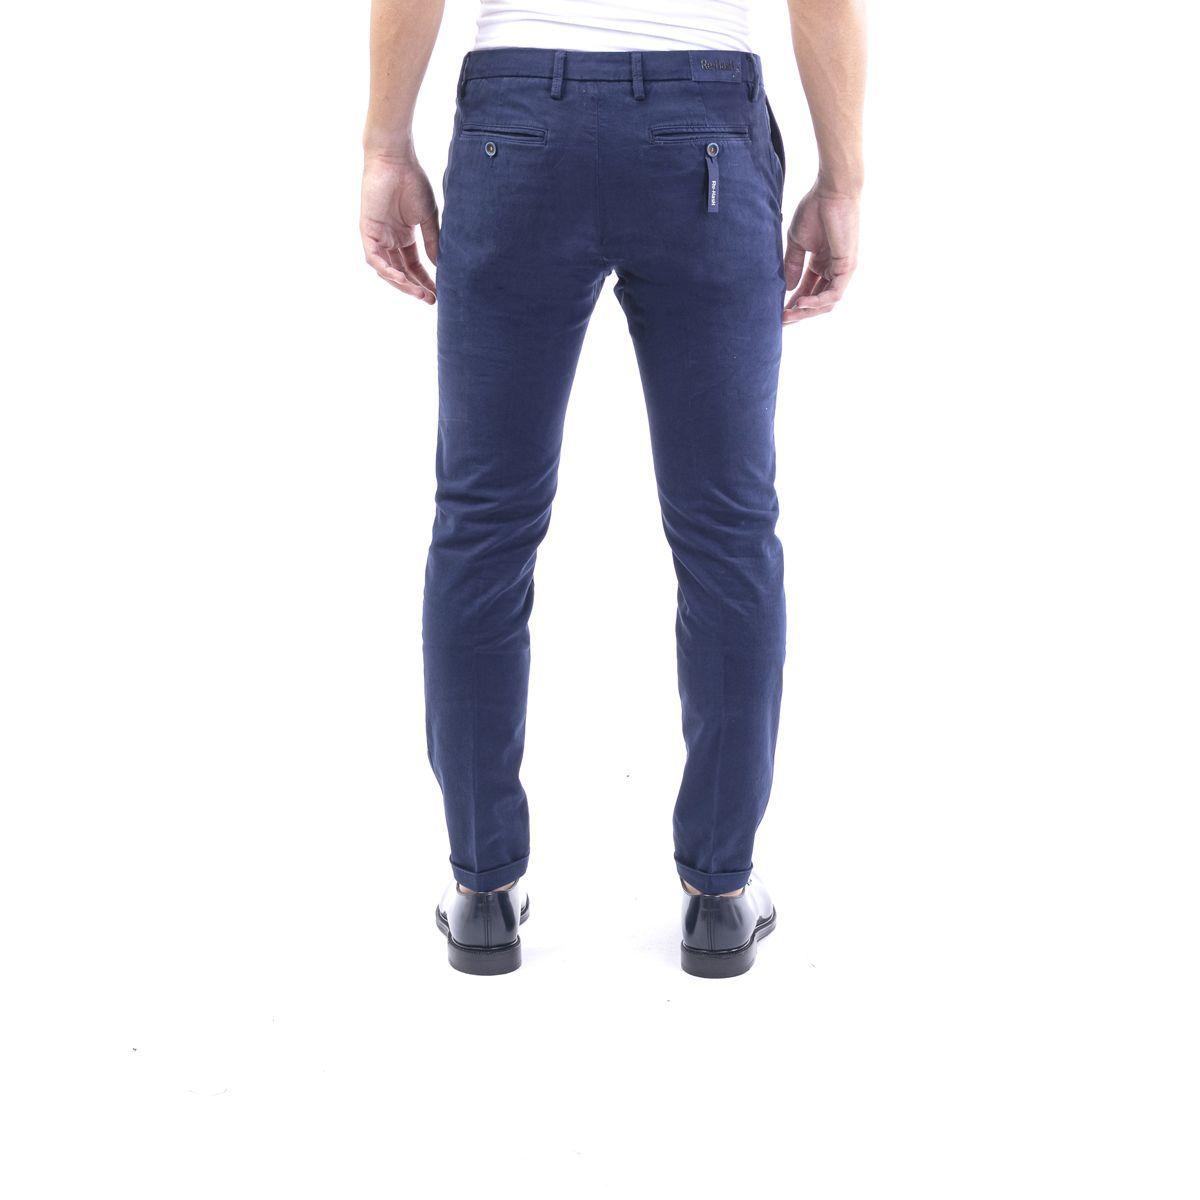 RE-HASH MEN'S P24920764002 BLUE COTTON PANTS